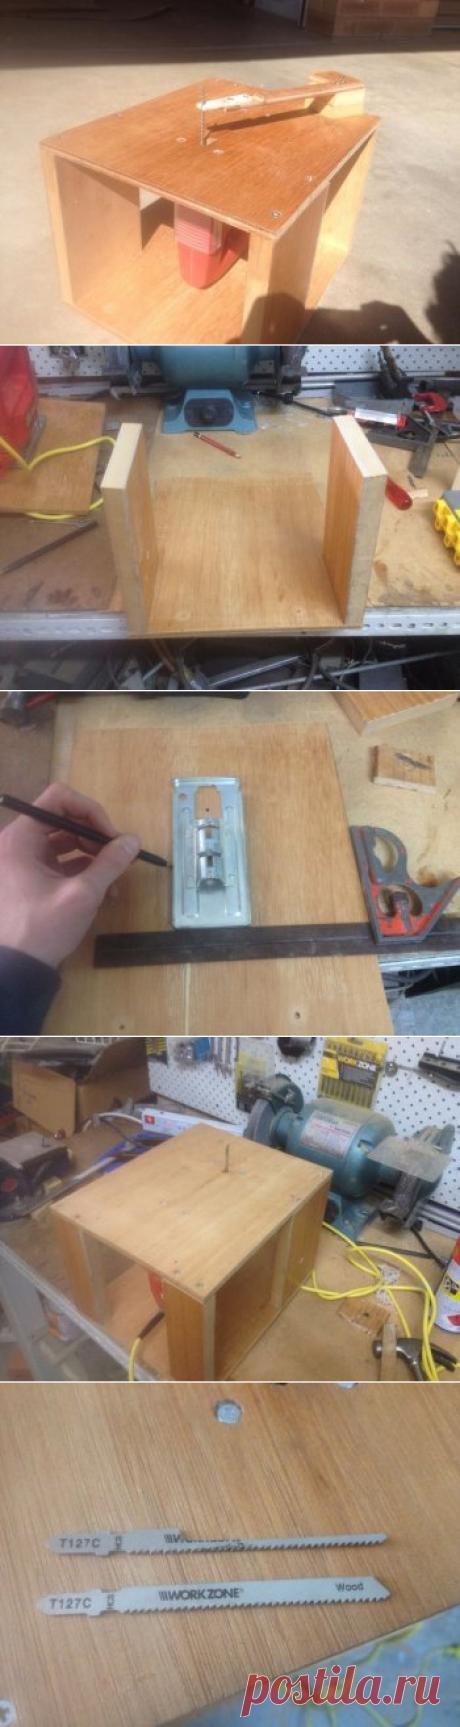 Инструмент своими руками: делаем станок для резки дерева из лобзика — Своими руками